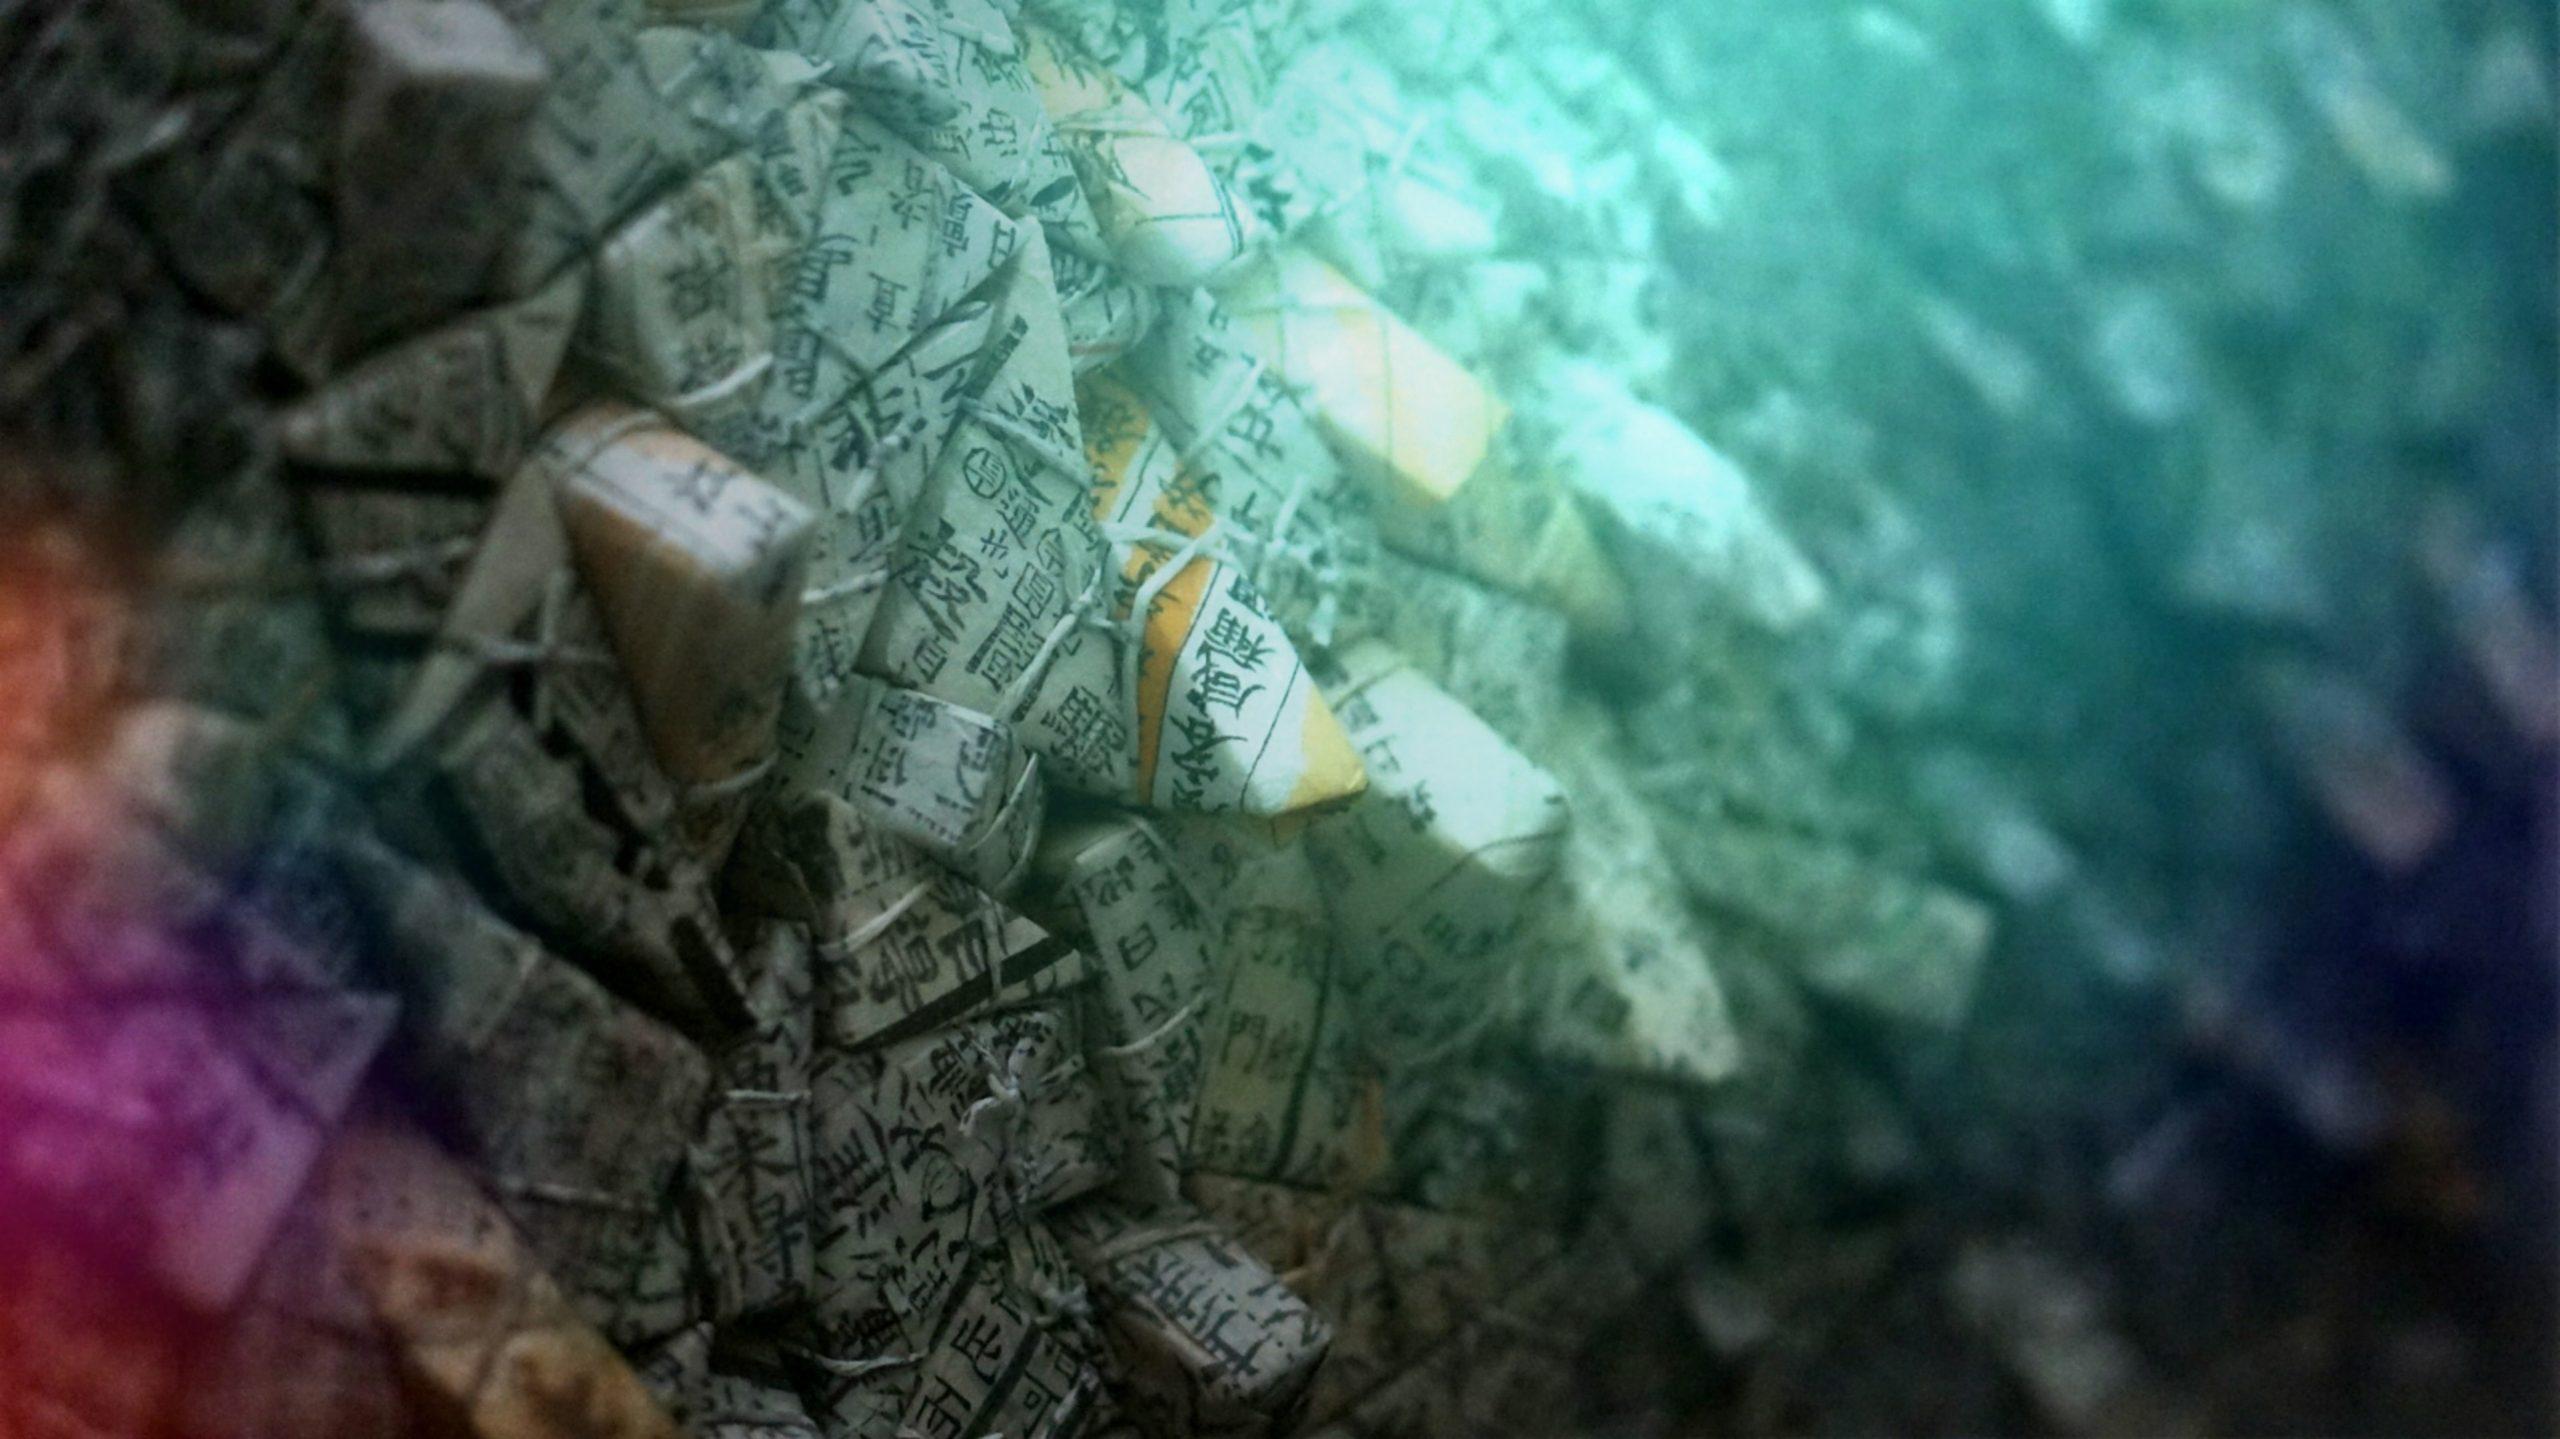 anti-money laundering image